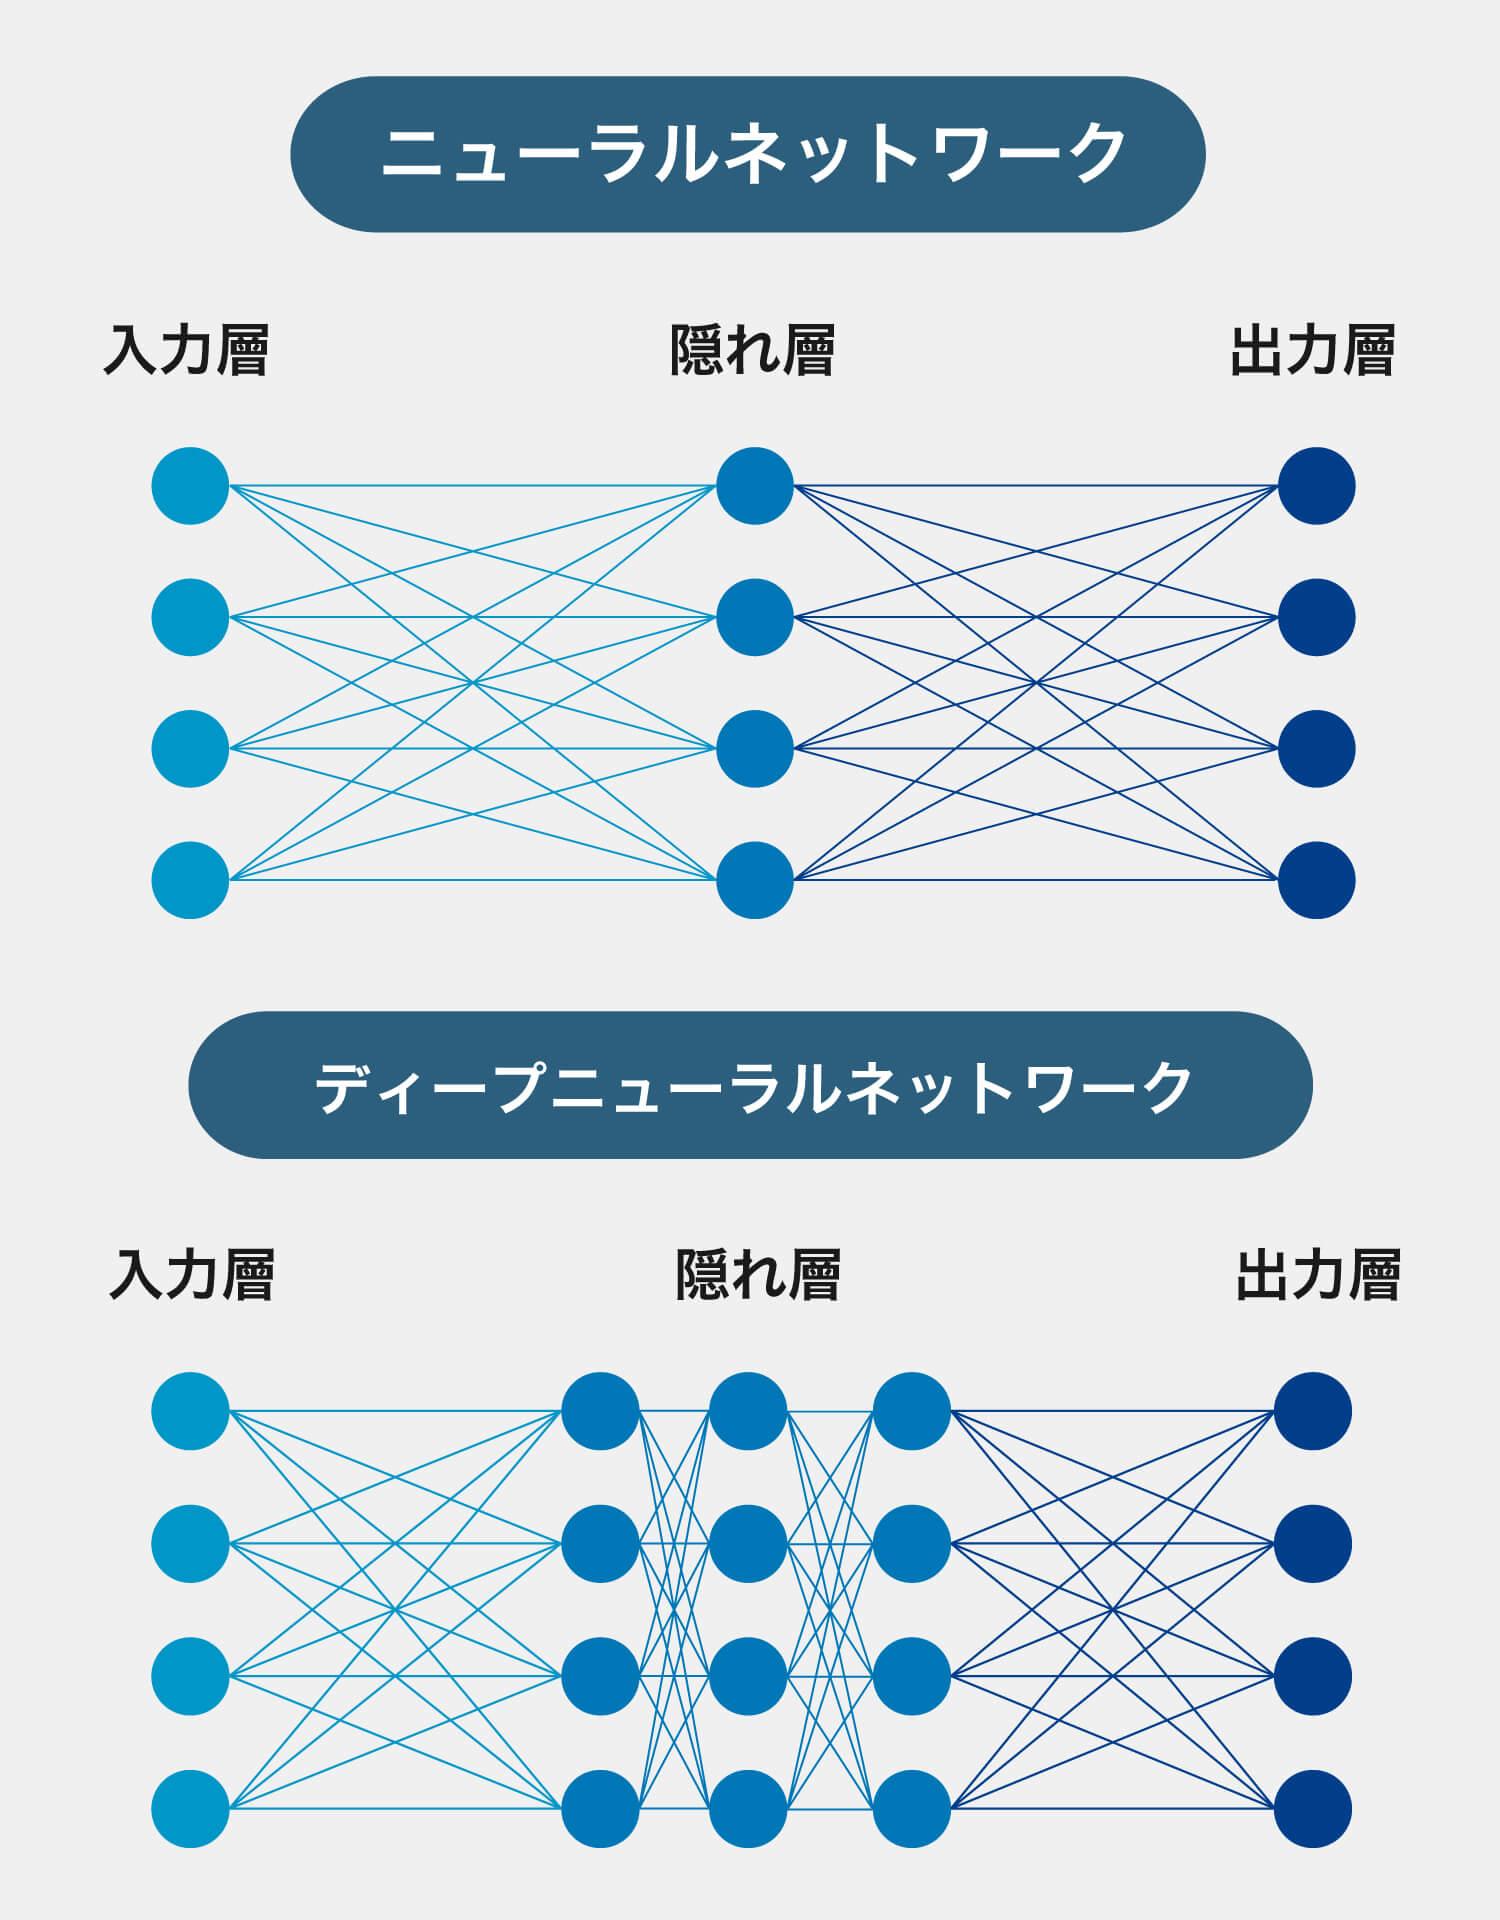 ニューラルネットワークとディープニューラルネットワークの図解